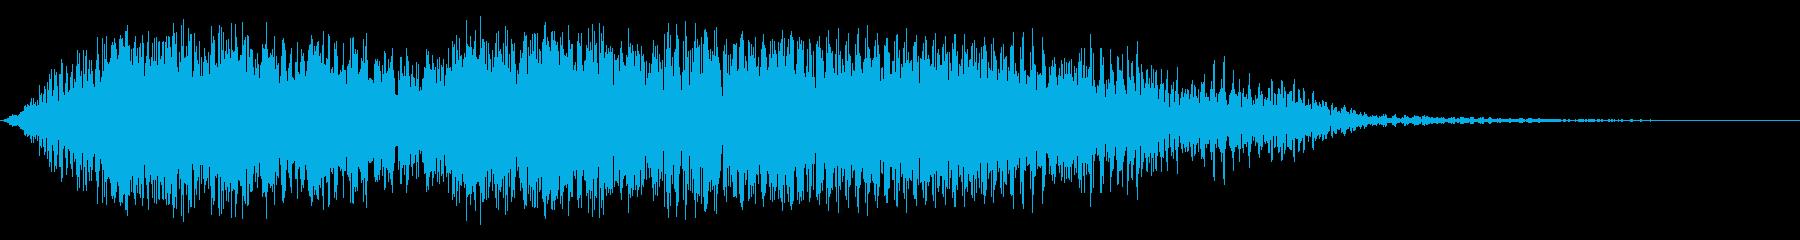 低地恐竜の再生済みの波形